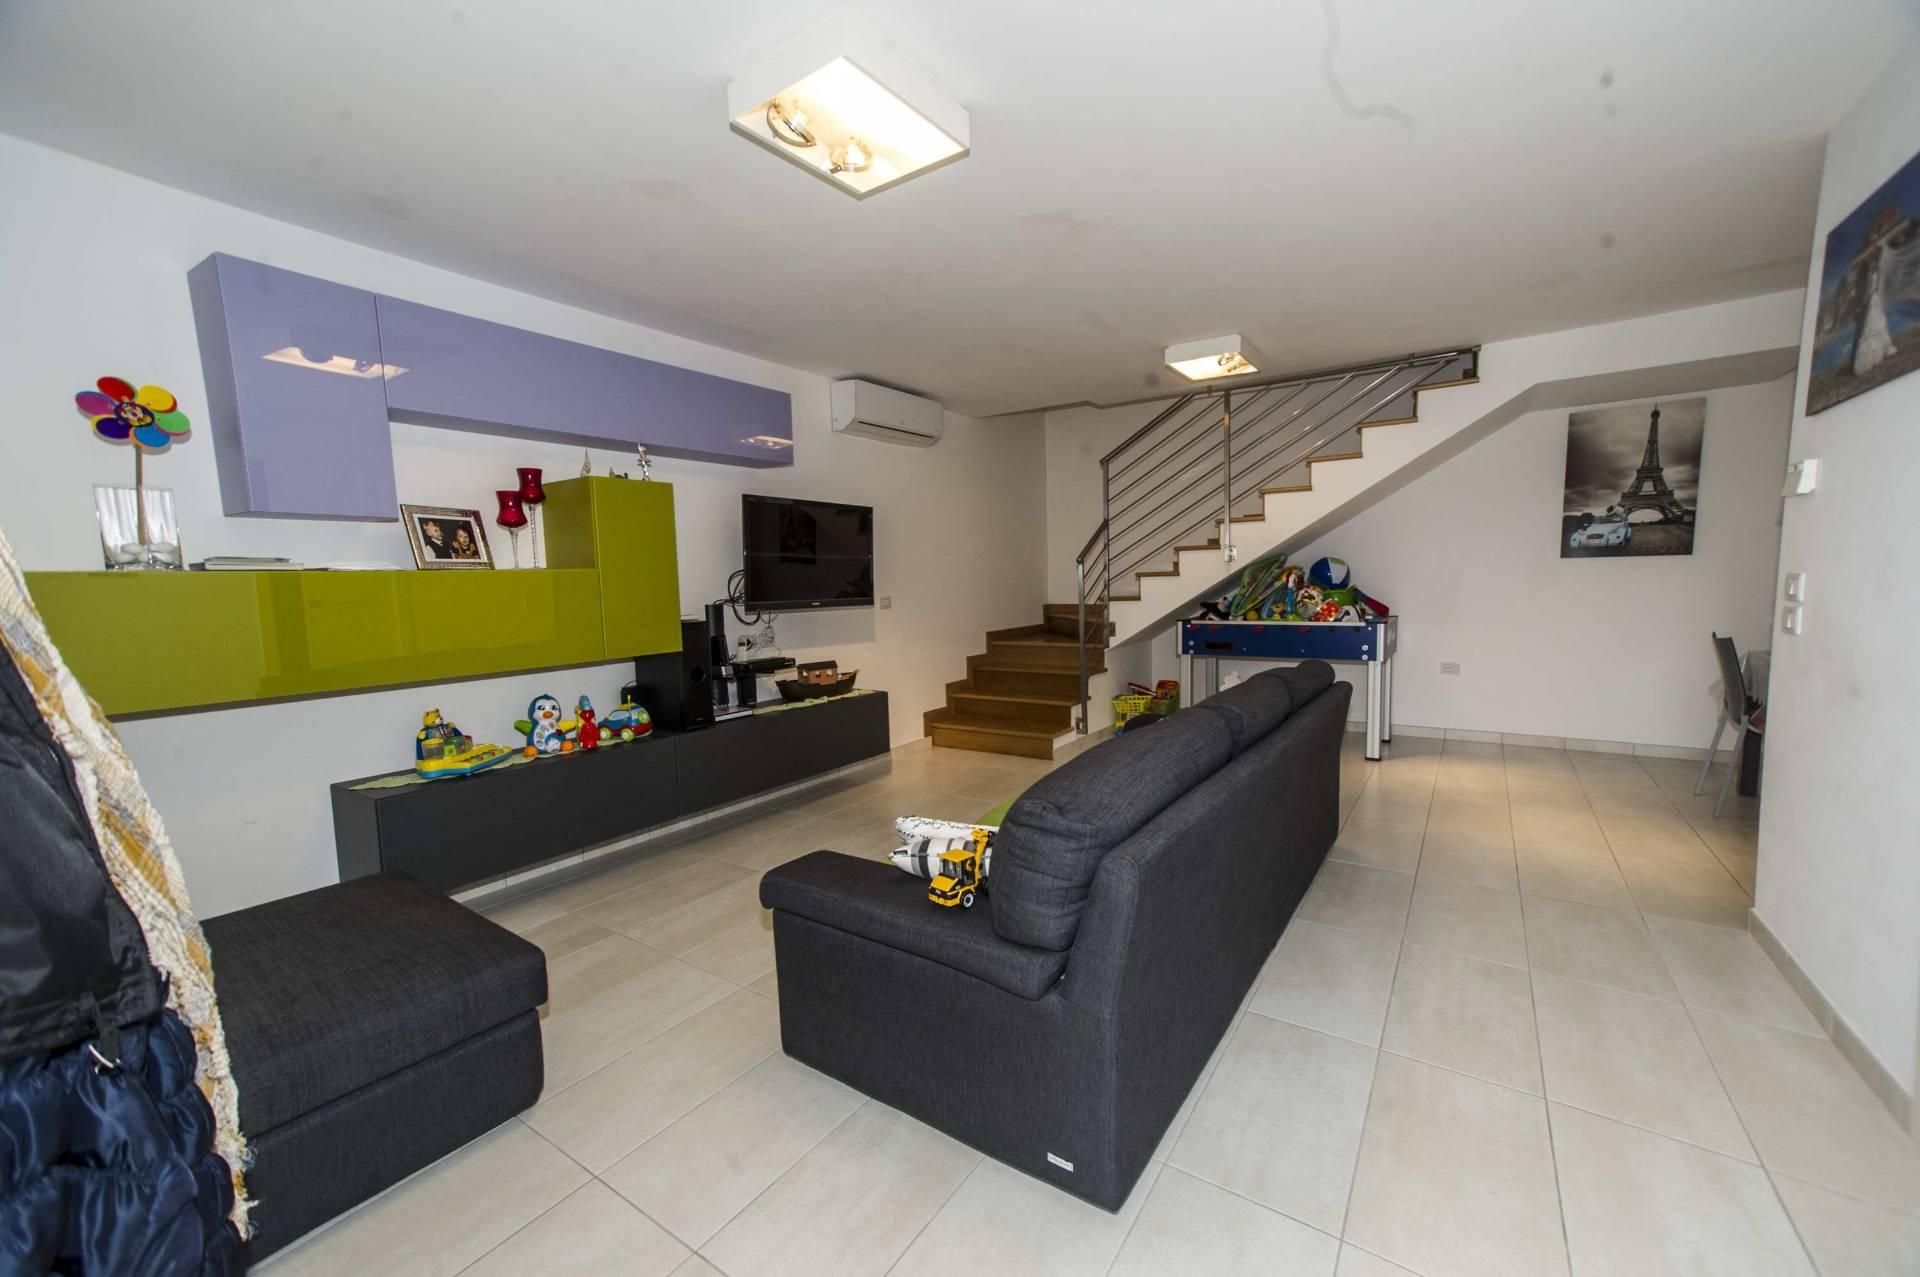 Villa a Schiera in vendita a Casalincontrada, 6 locali, prezzo € 142.000 | Cambio Casa.it